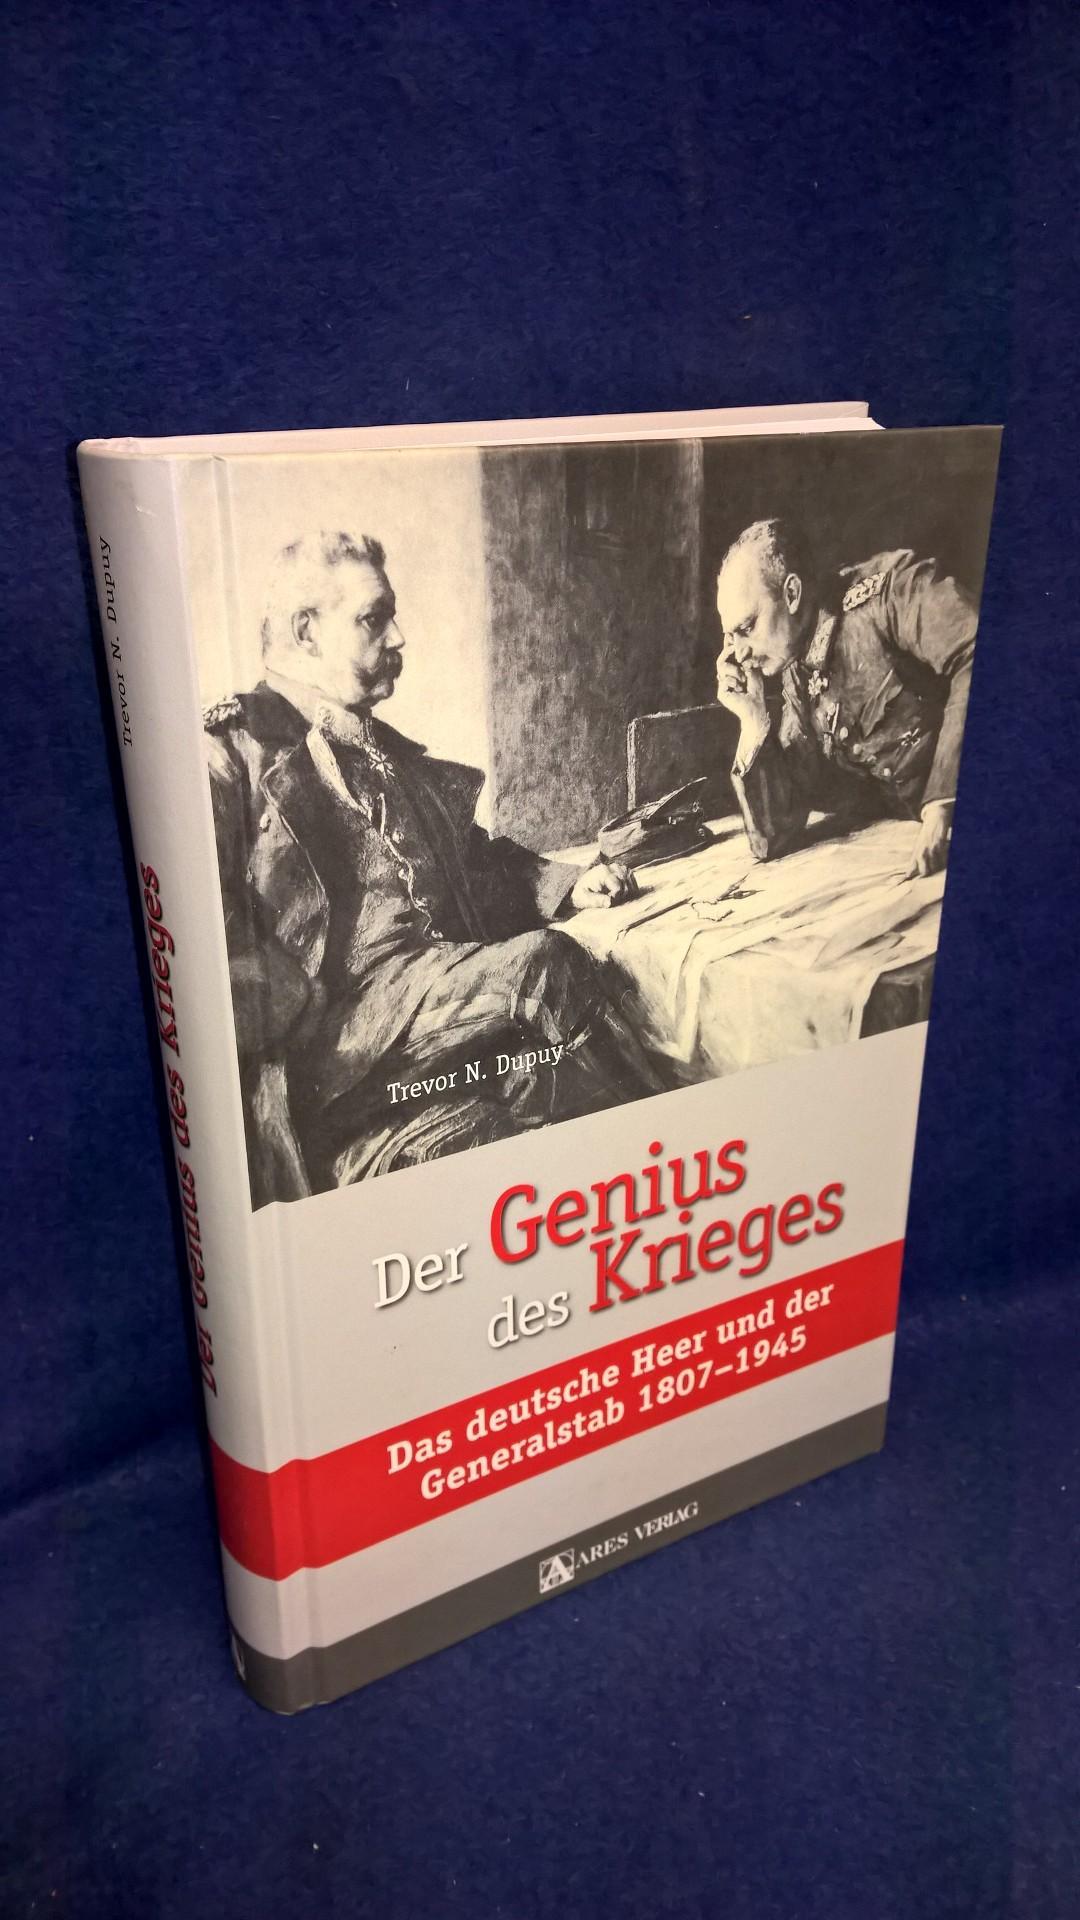 Der Genius des Krieges. Das deutsche Heer und der Generalstab 1807-1945.